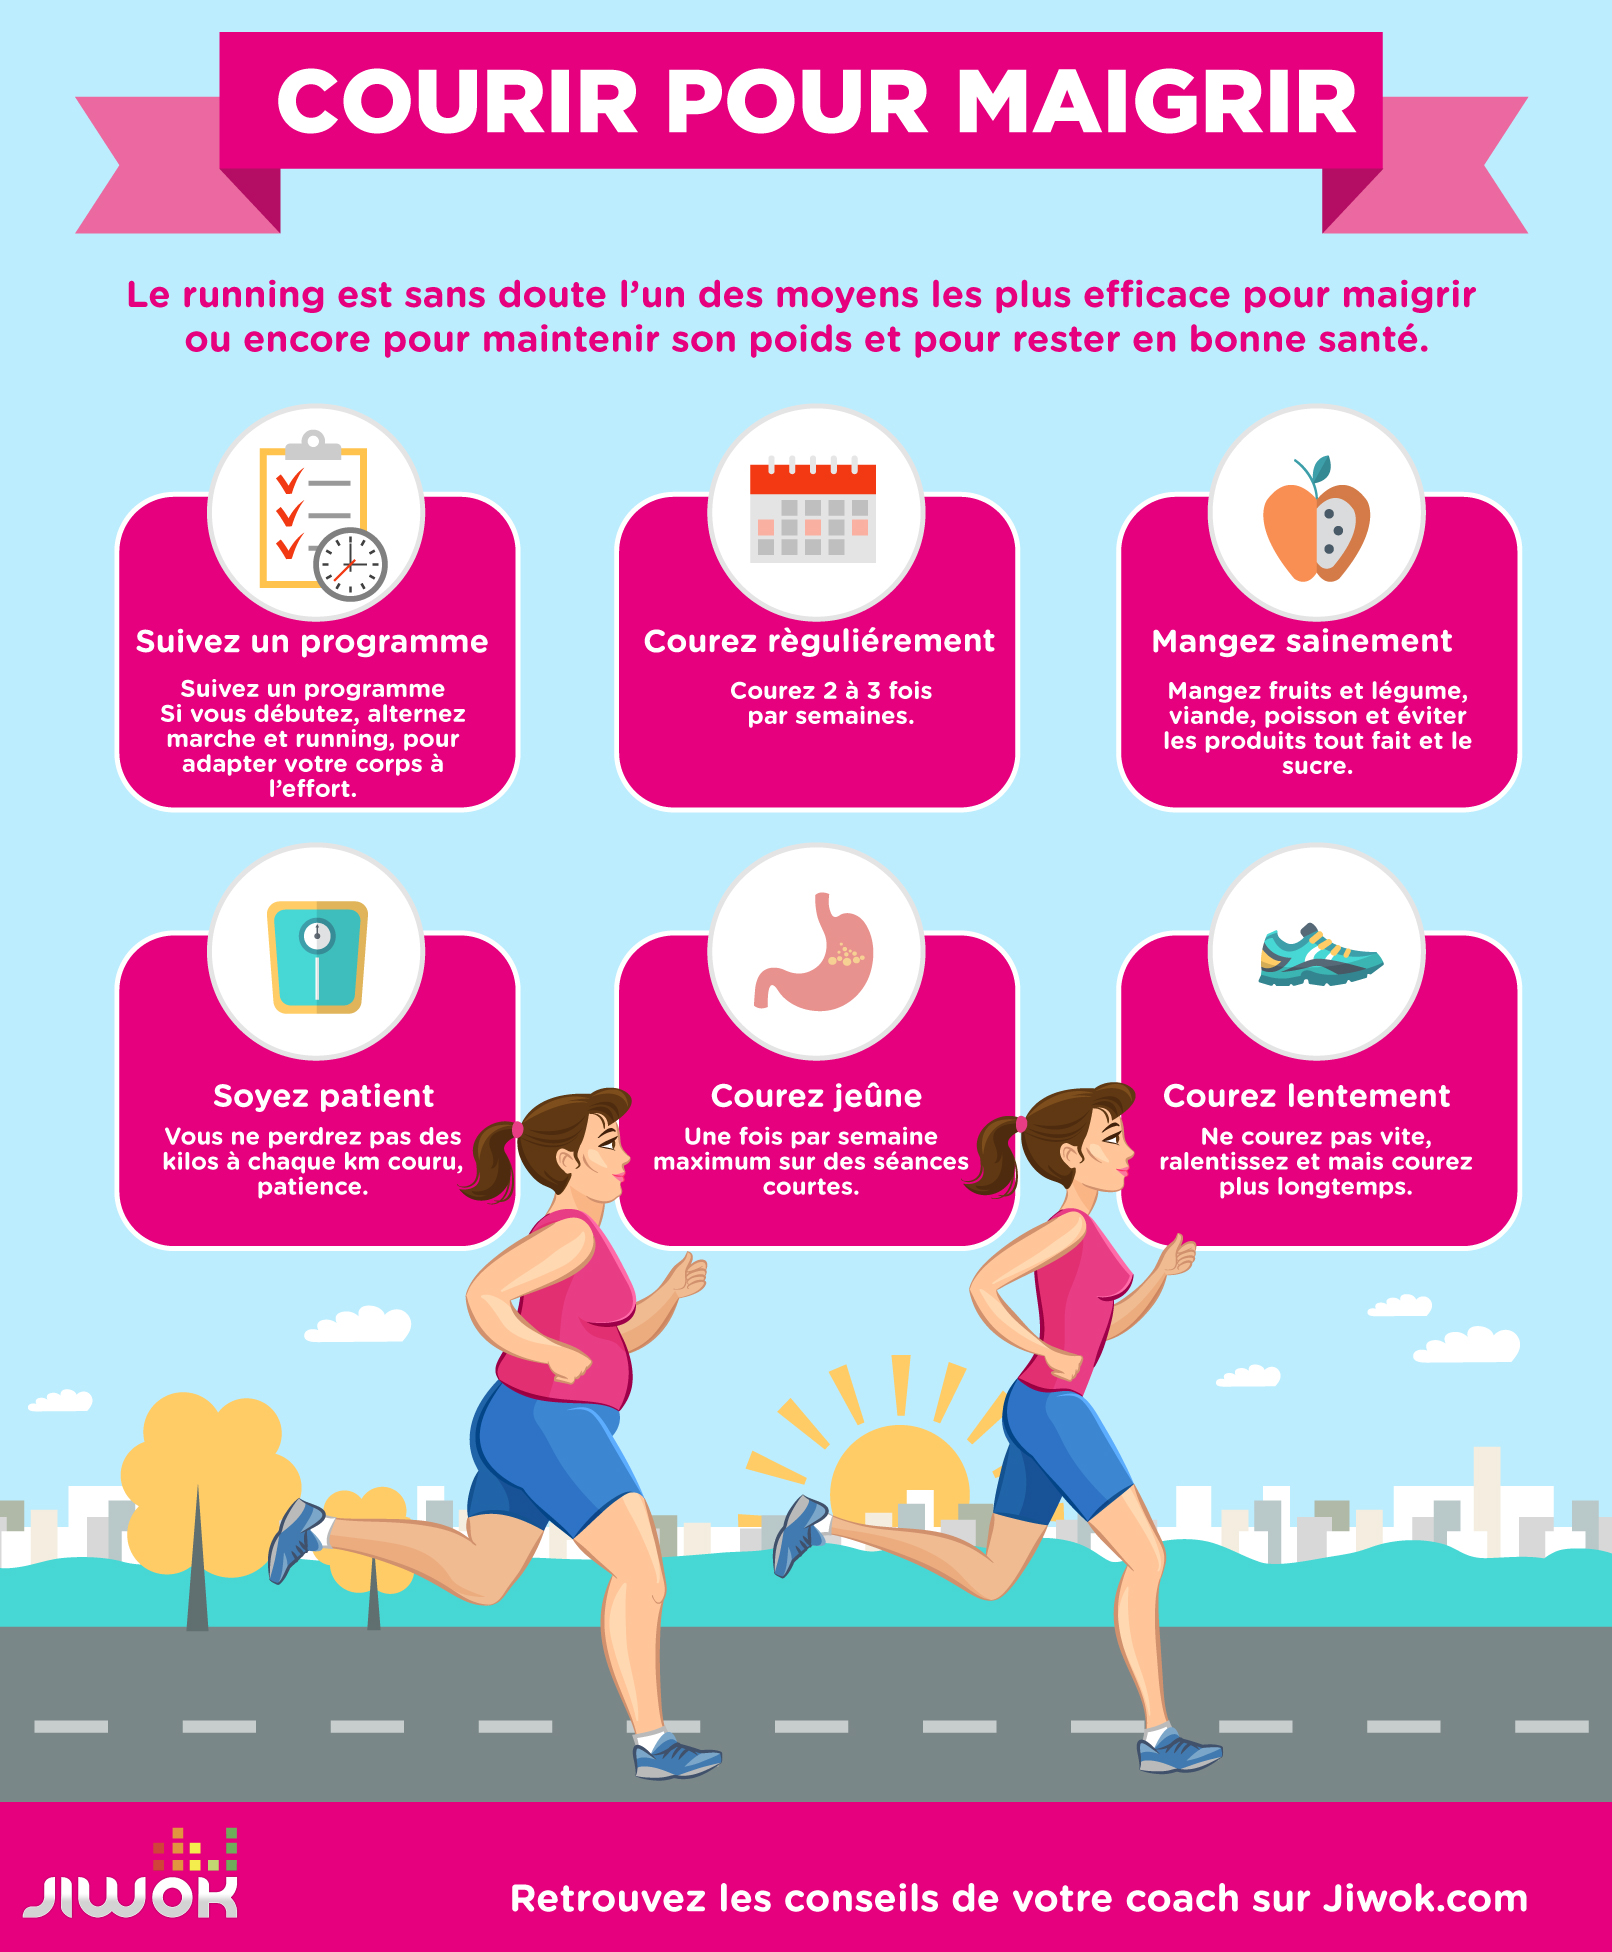 42 astuces simples et efficaces pour maigrir rapidement et durablement (la #23 va vous surprendre)